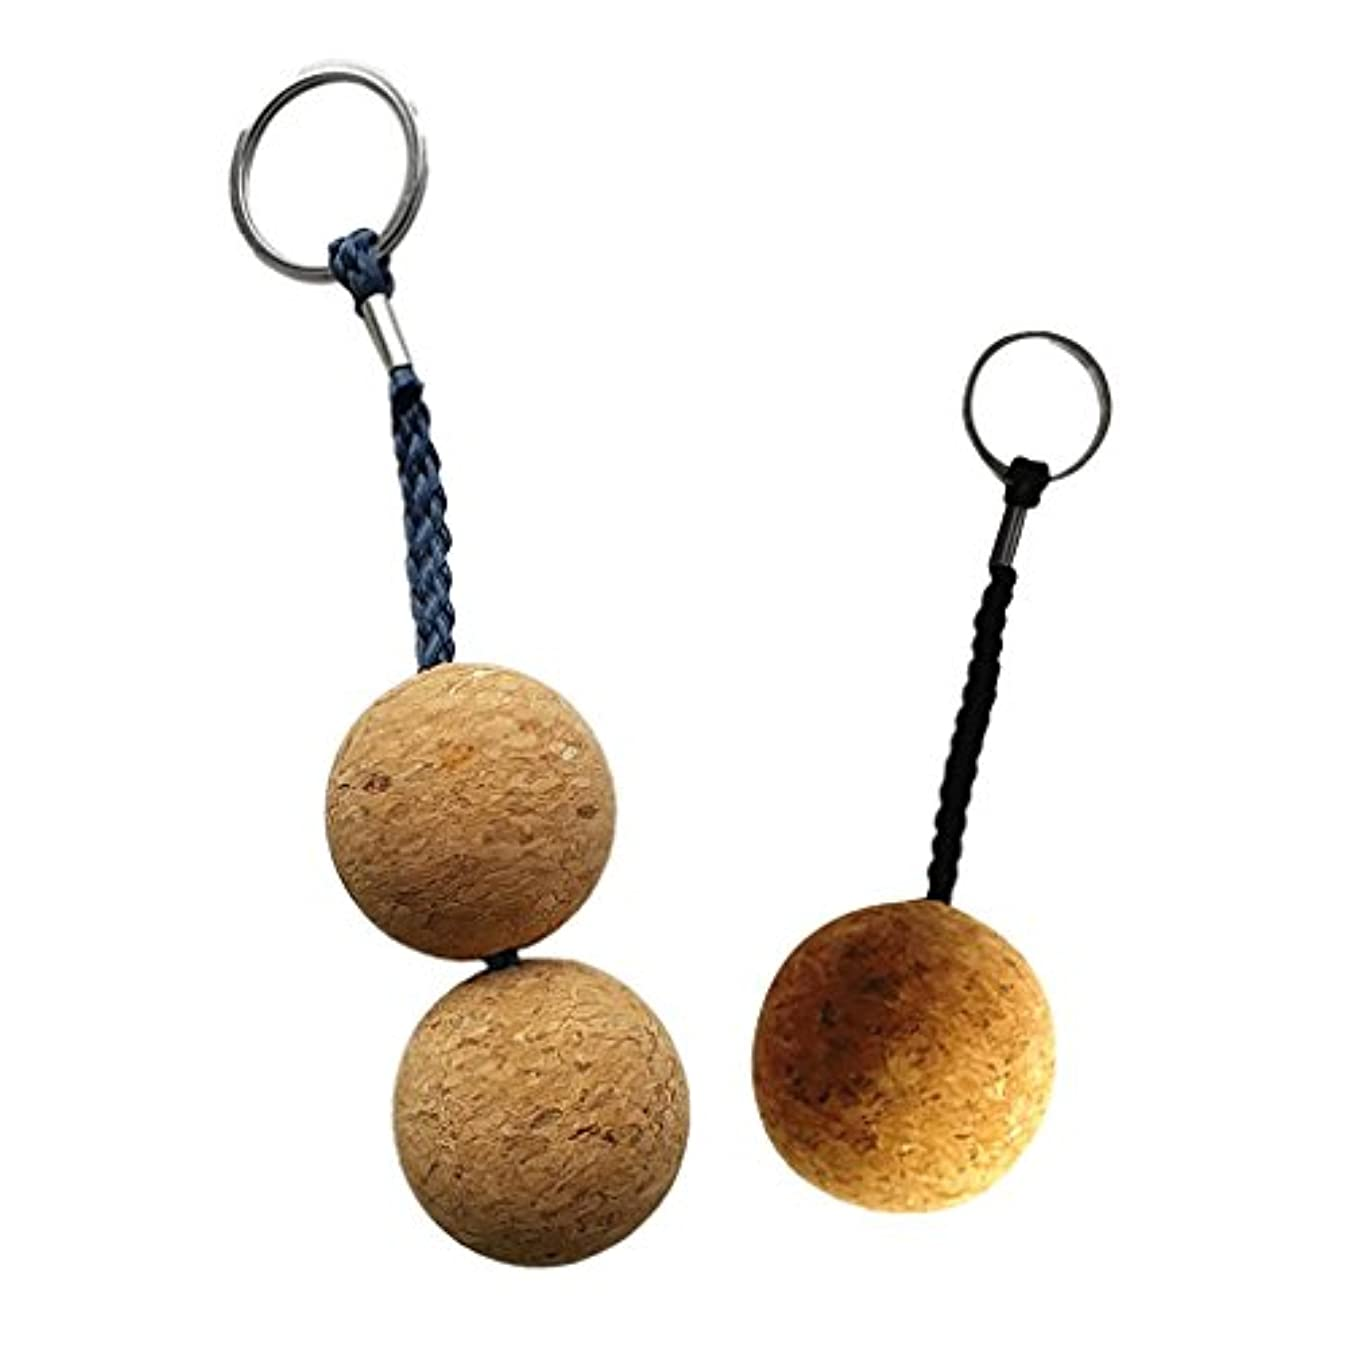 ラオス人送った桁Perfeclan 携帯便利 使いやすい ダブル&シングル ボール コルク フローティング キーリング ボート マリンセーリング フロート